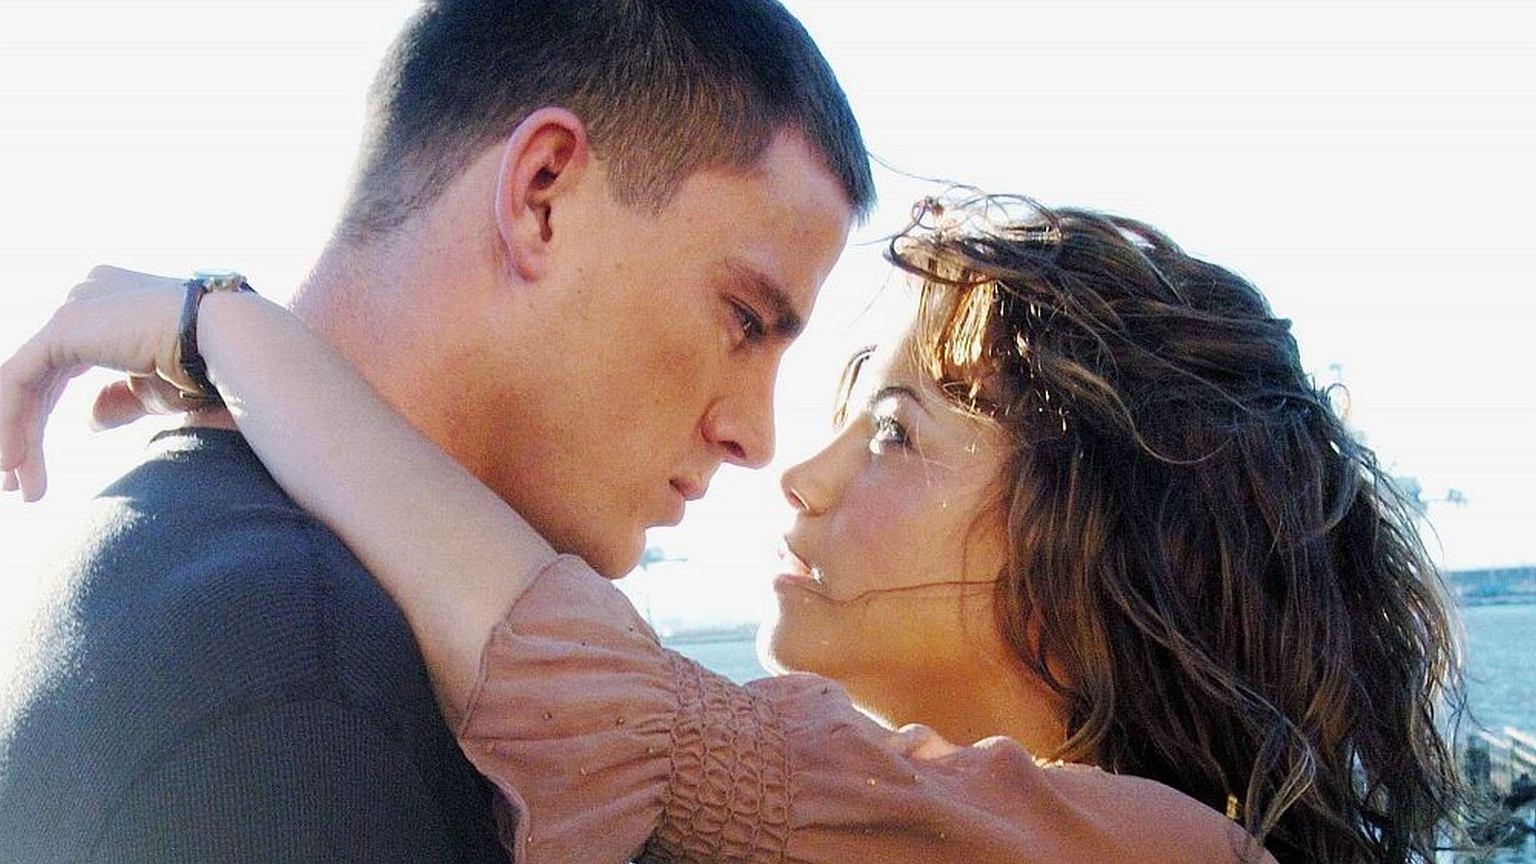 Channing Tatum - filmy, sylwetka. W których produkcjach można zobaczyć tego aktora?